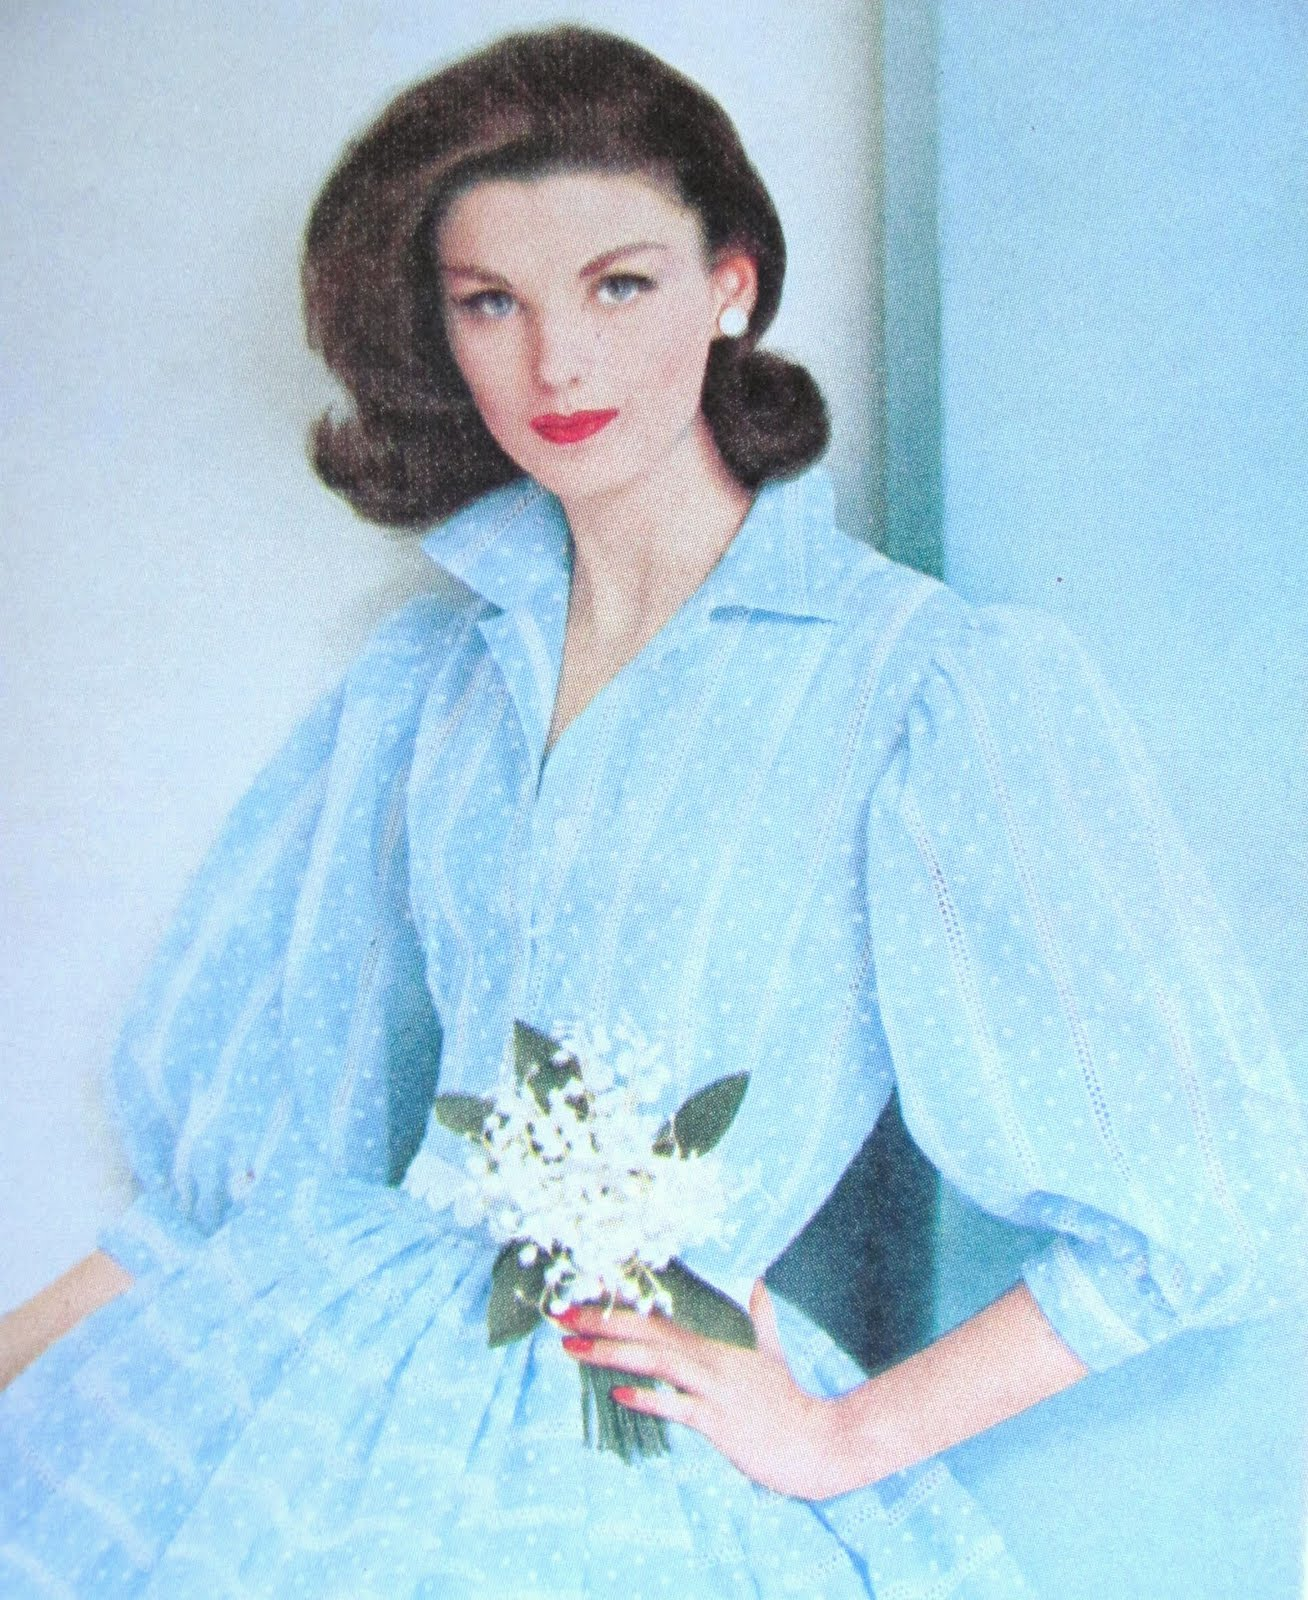 Pintucks: Sewing Vintage Fashion: Vogue Patterns, April 1960